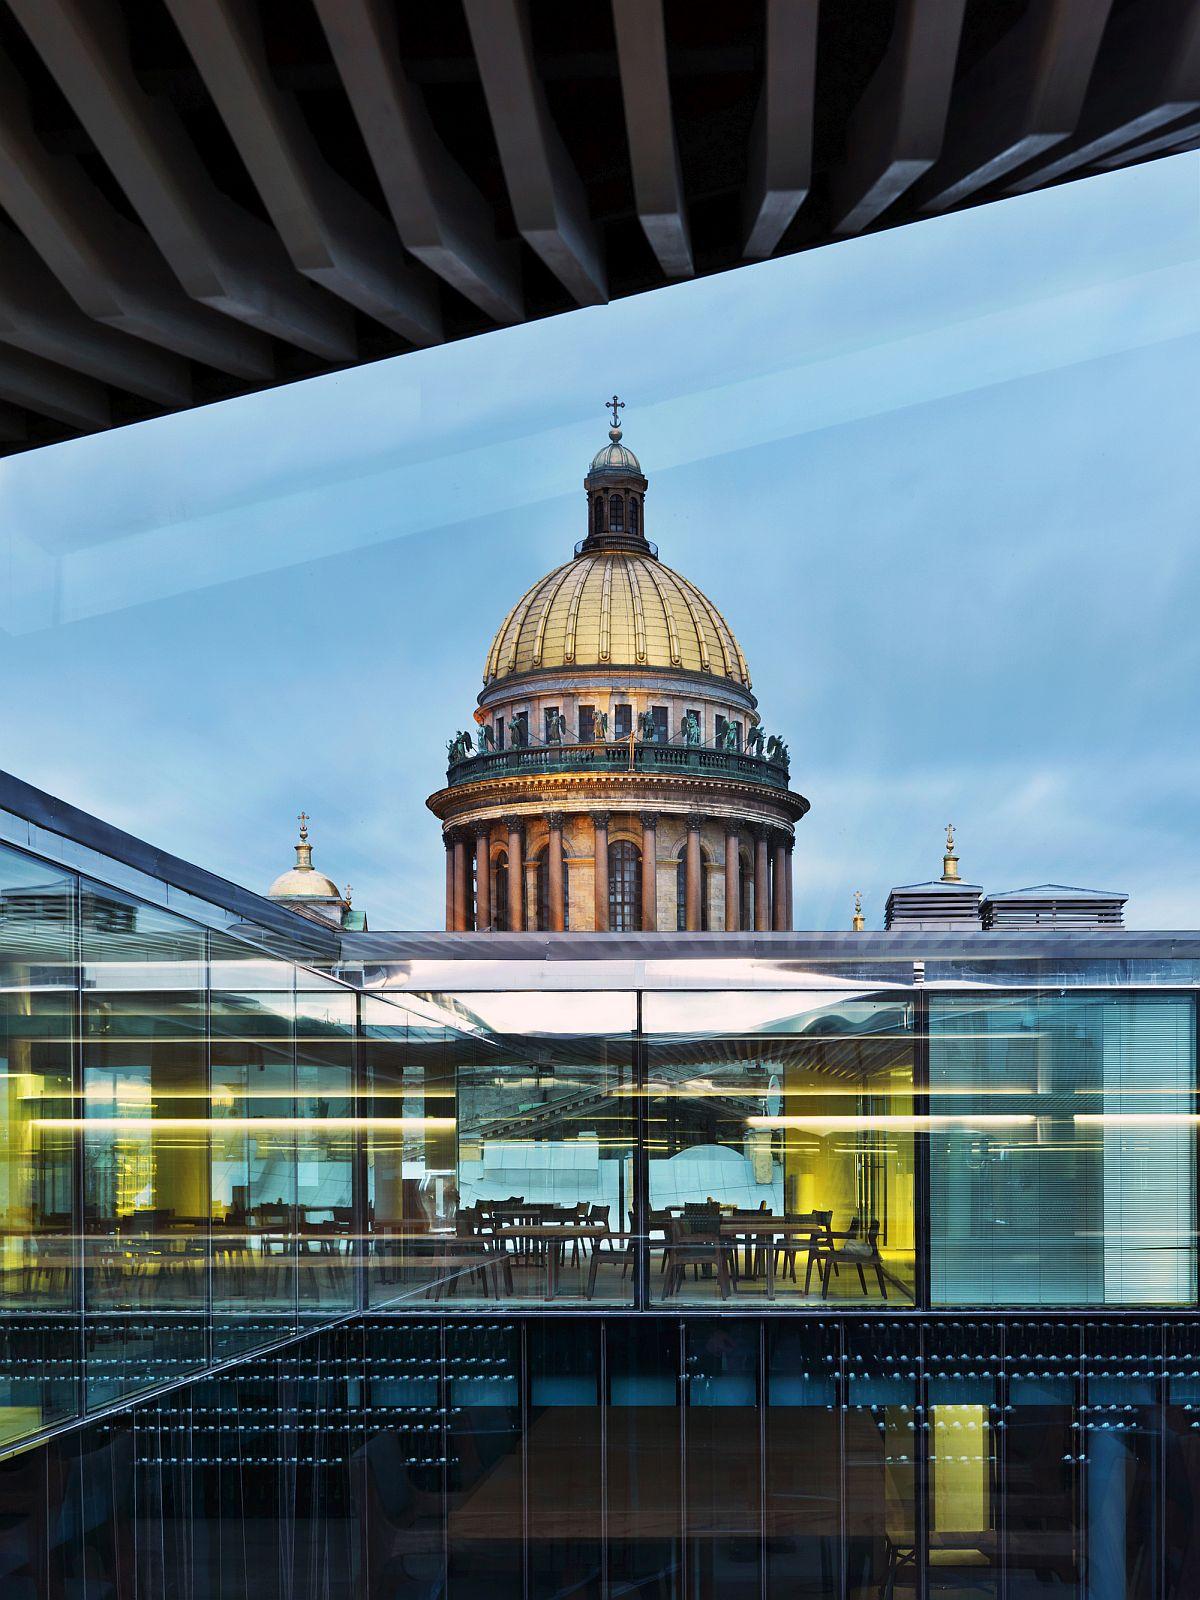 Stunning Mansarda Restaurant in St. Petersburg with views to match